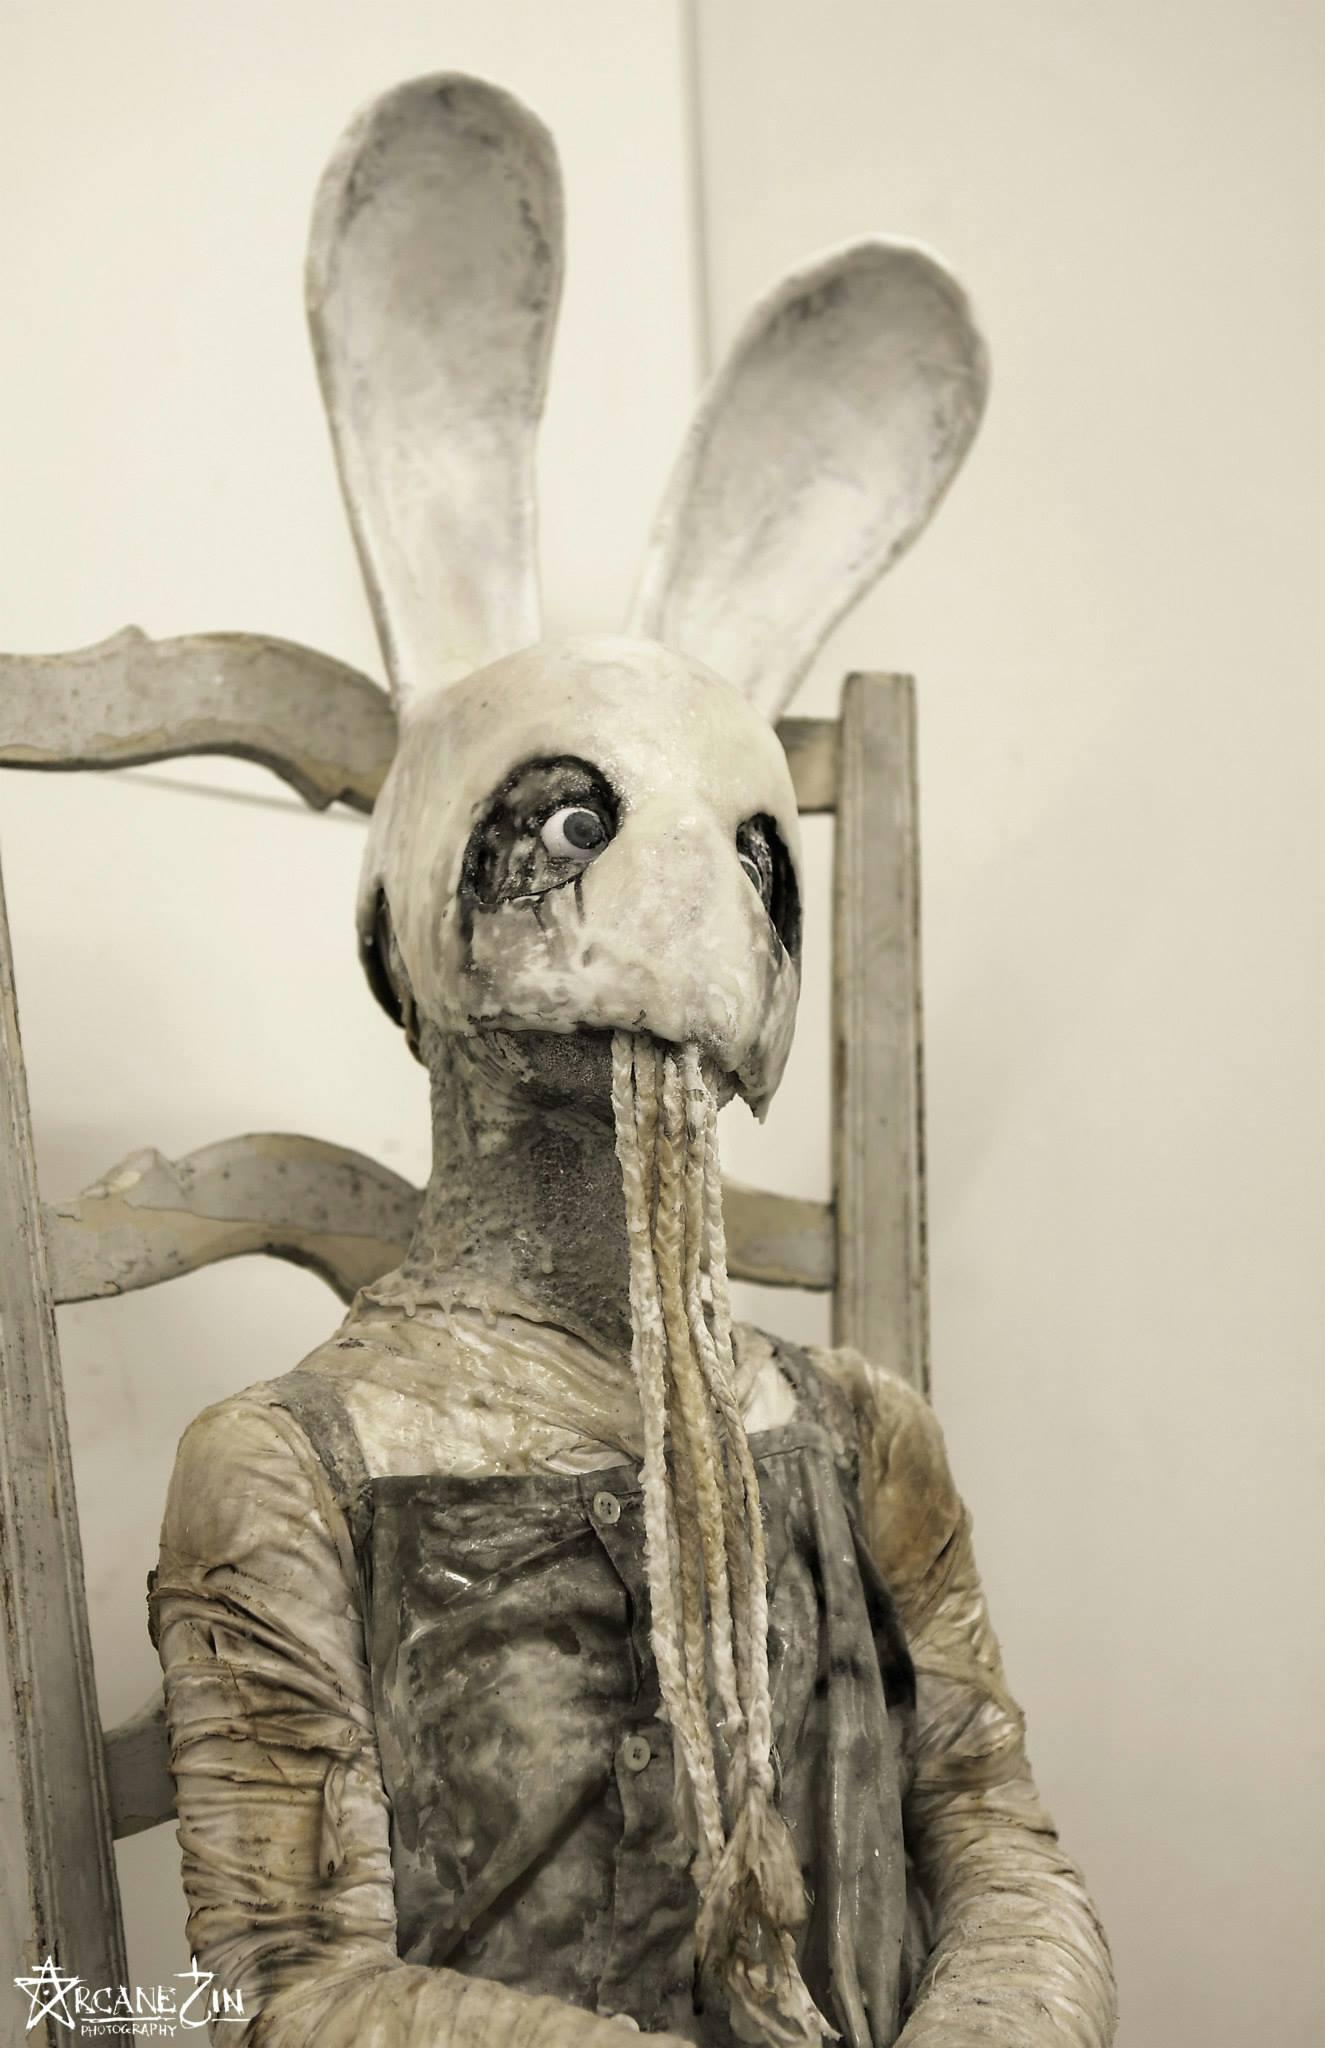 Paul Toupet – Sculptures Copyright © Arcane Sin 2013